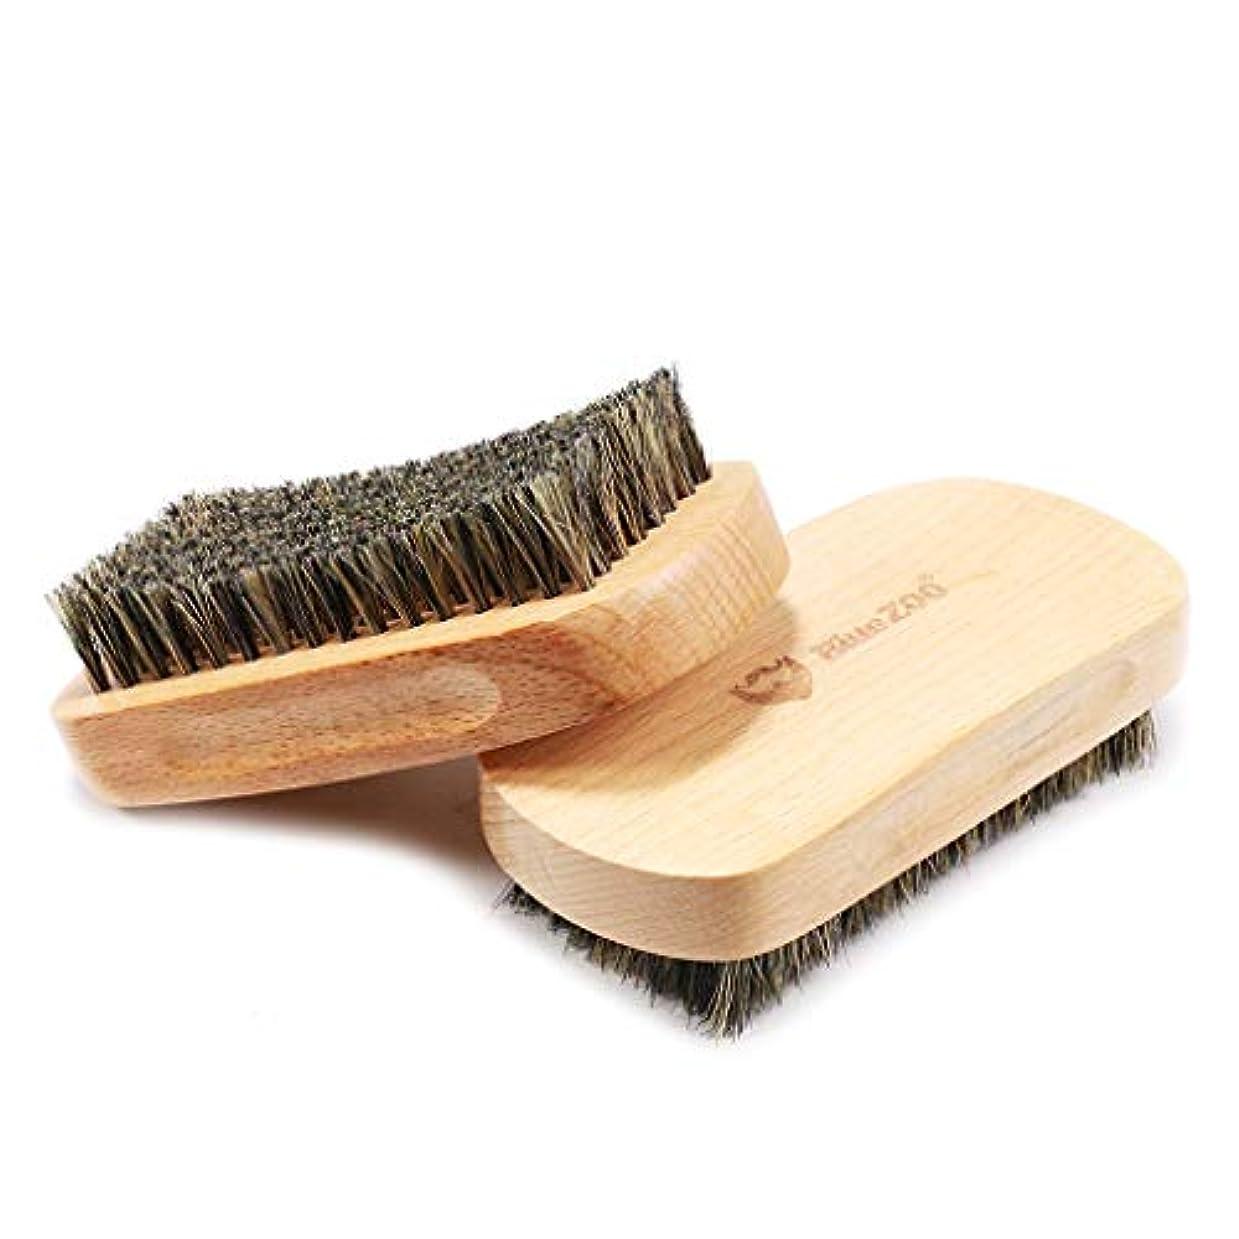 内部インポートベースHellery シェービングブラシ メンズ 理容 洗顔 髭剃り ひげブラシ 散髪整理 理髪用 首/顔 髭剃り